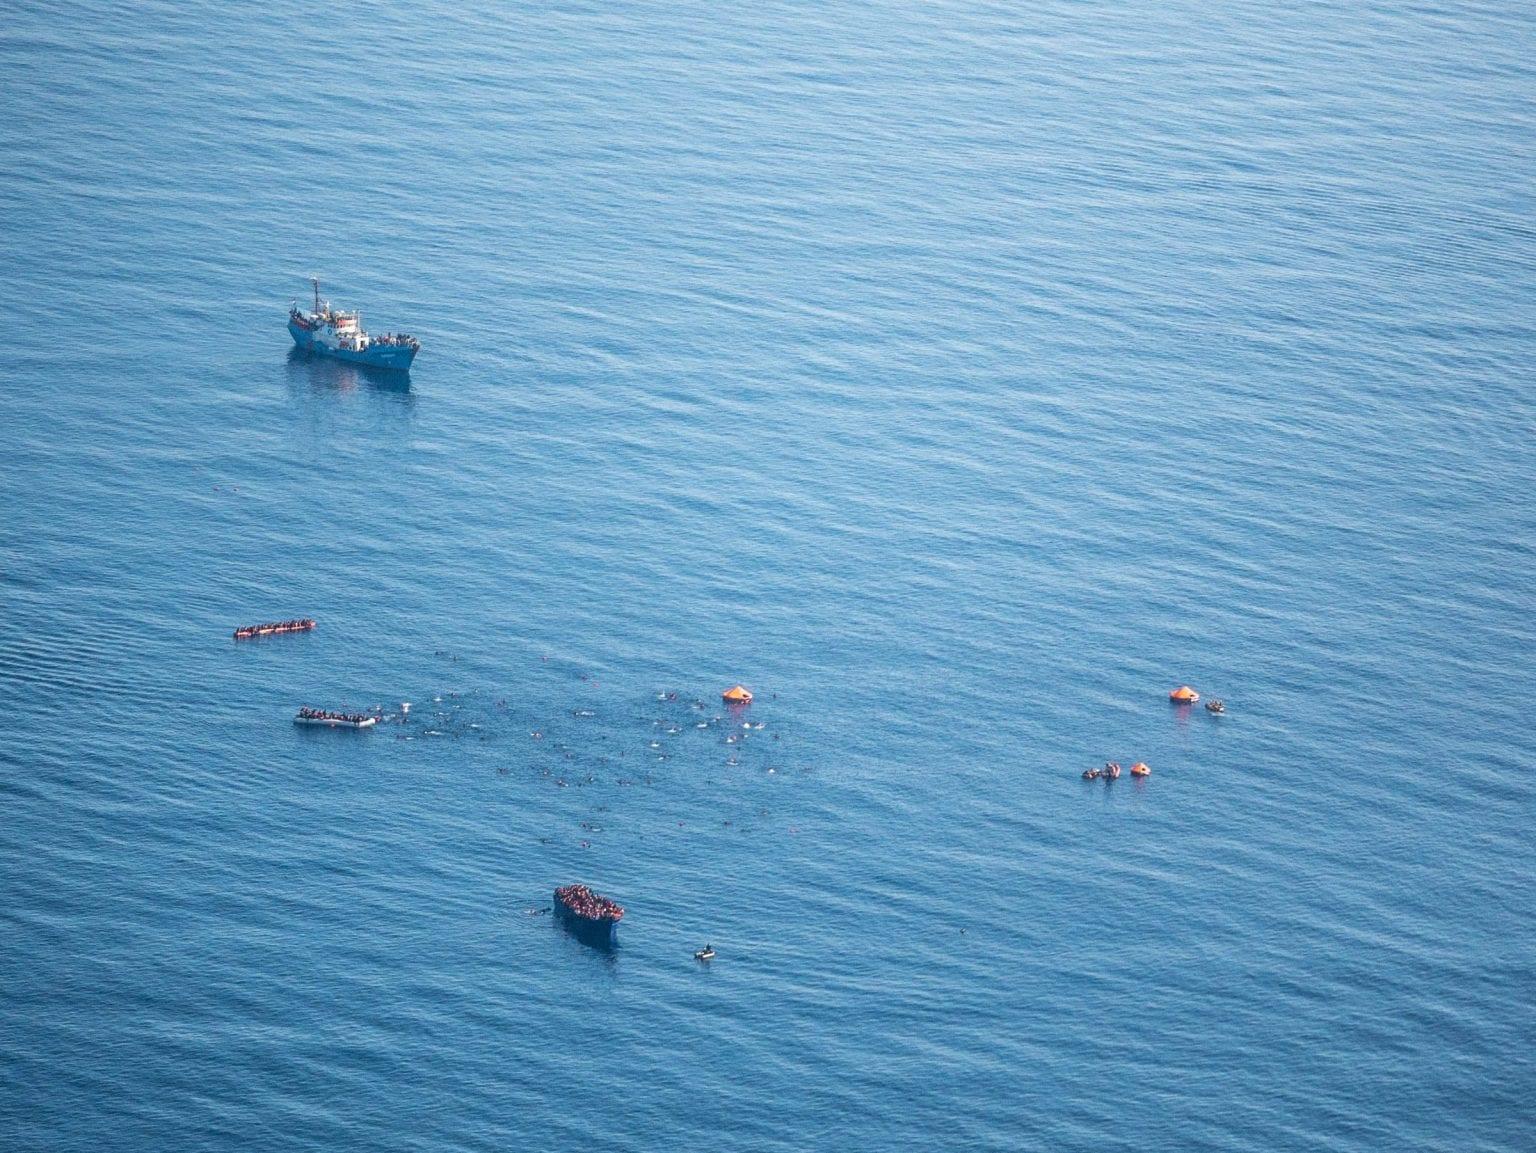 Ud over at koordinere redningsindsatsen i Middelhavet, træner, udstyrer og finansierer EU den libyske kystvagt, Libyan Coast Guard, der er ansvarlig for redningsoperationer i et stort område mellem Libyen og Italien. Foto: Seawatch